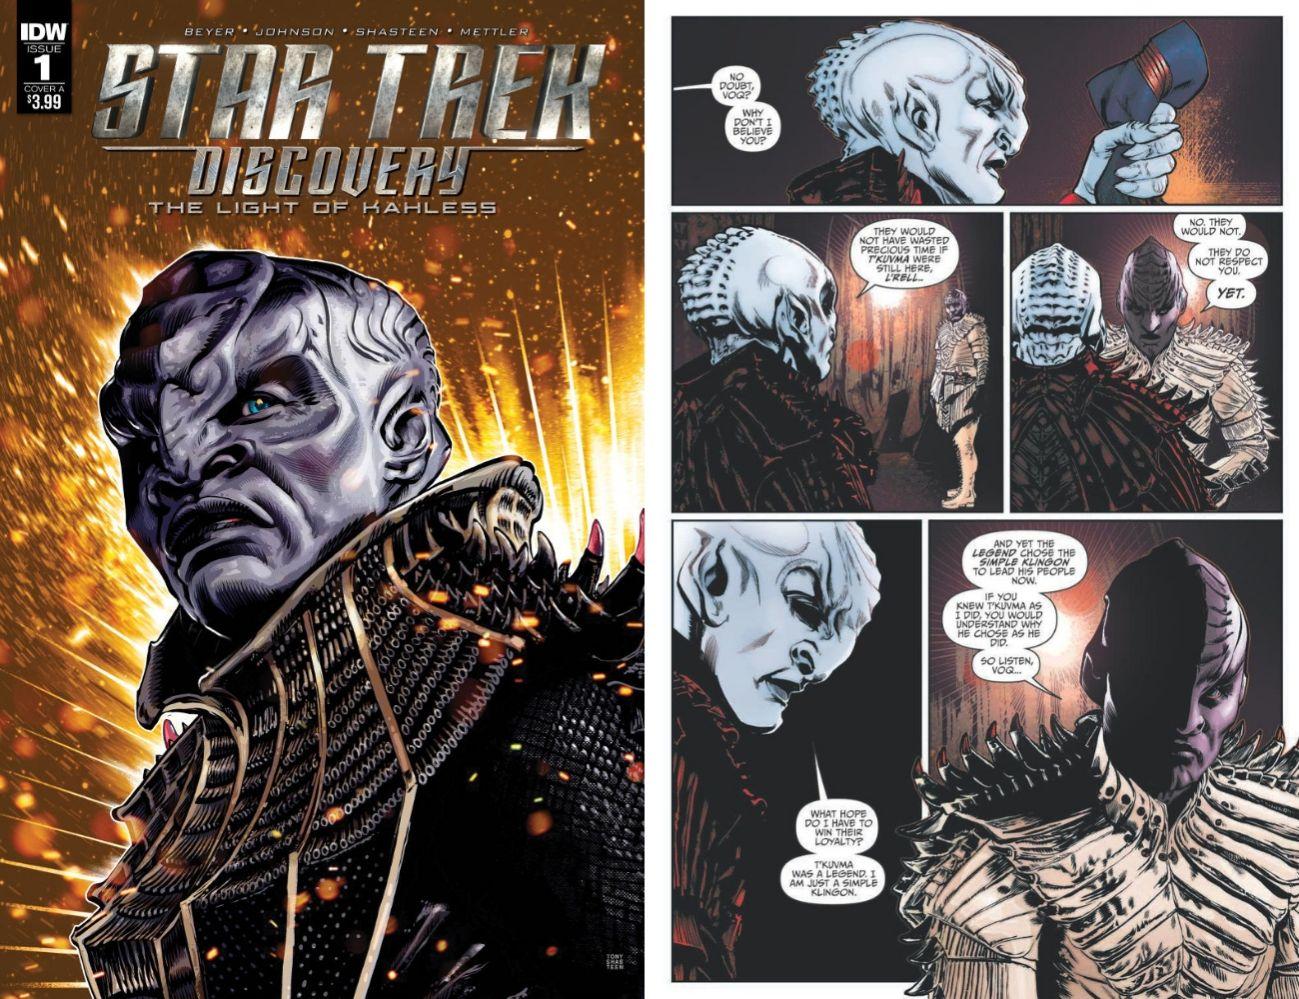 The Light of Kahless to komiks poświęcony w całości Klingonom. / fot. IDW